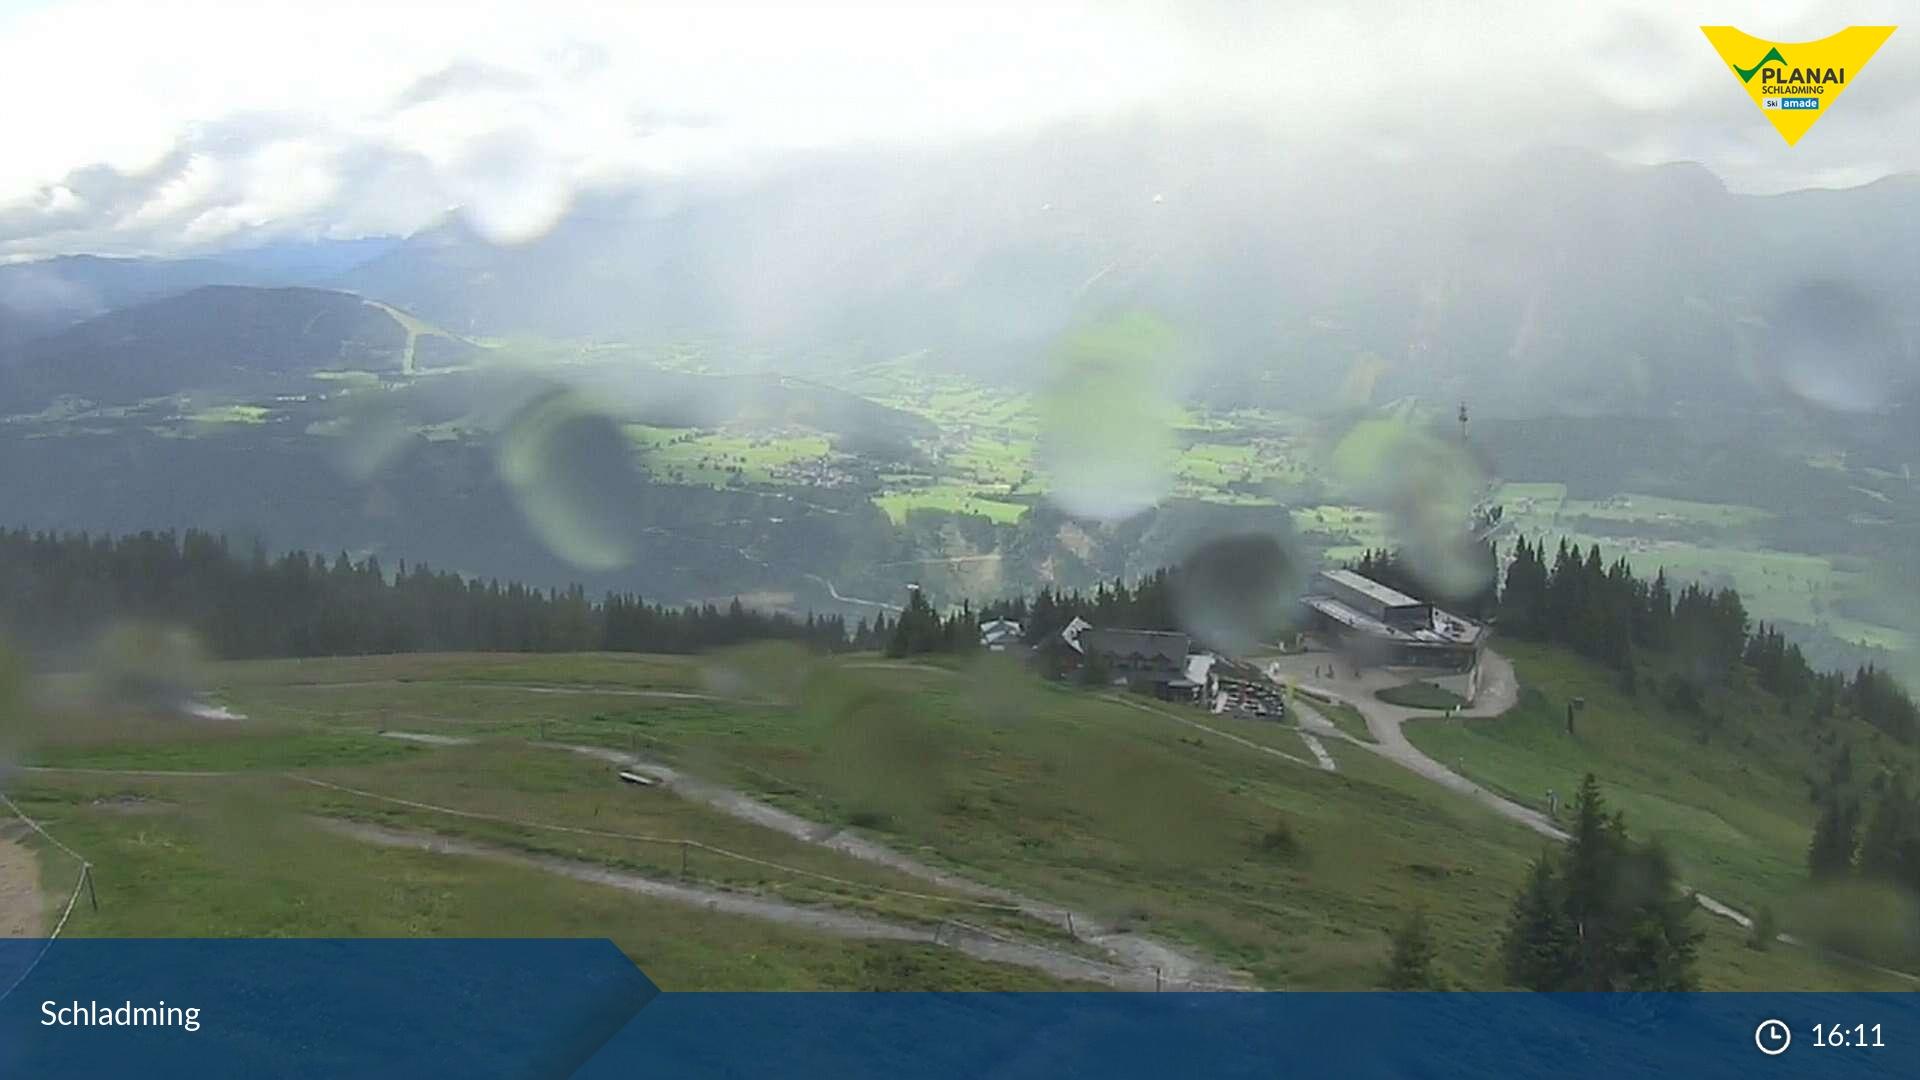 Webcam en Planai Bergstation, Schladming-Dachstein (Austria)